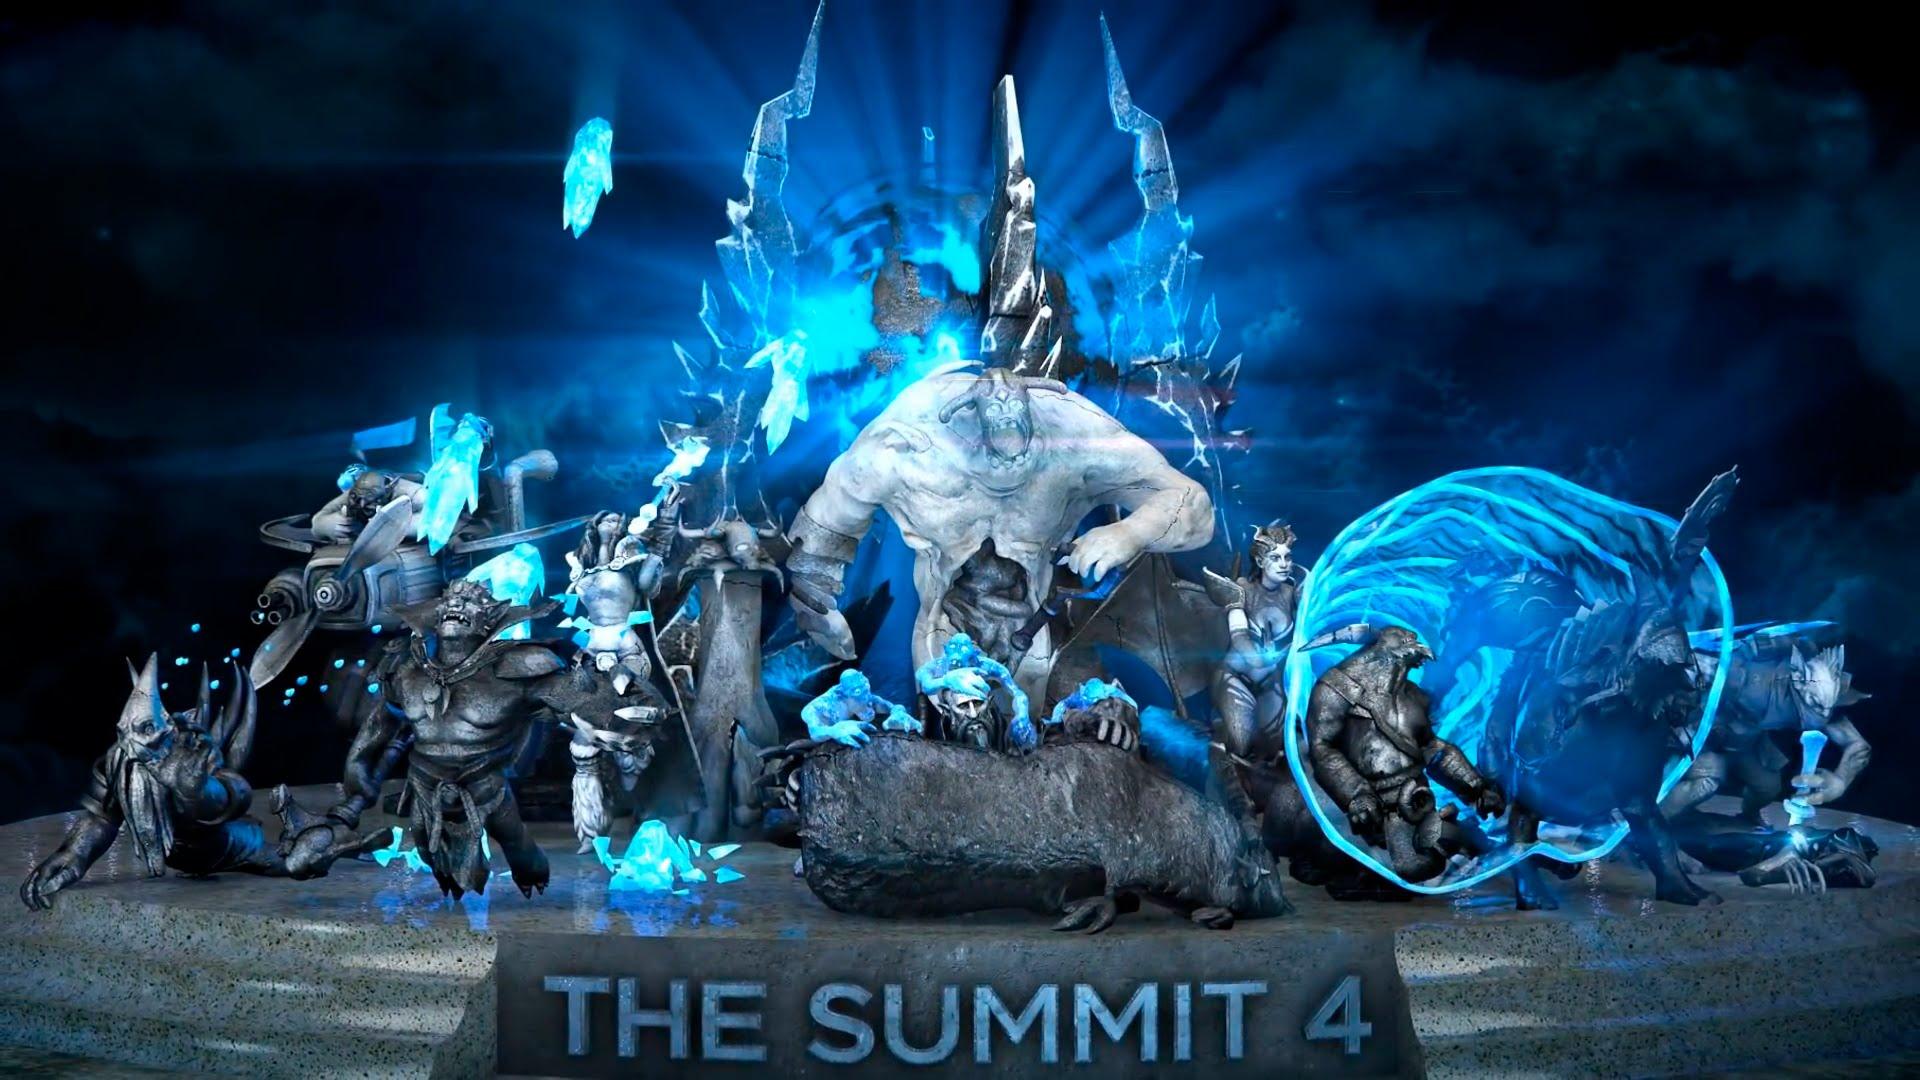 Dota Summit 12, Virtus.pro, Evil Geniuses, Vici Gaming, EHOME, Chaos, Mineski, OG, Team Liquid